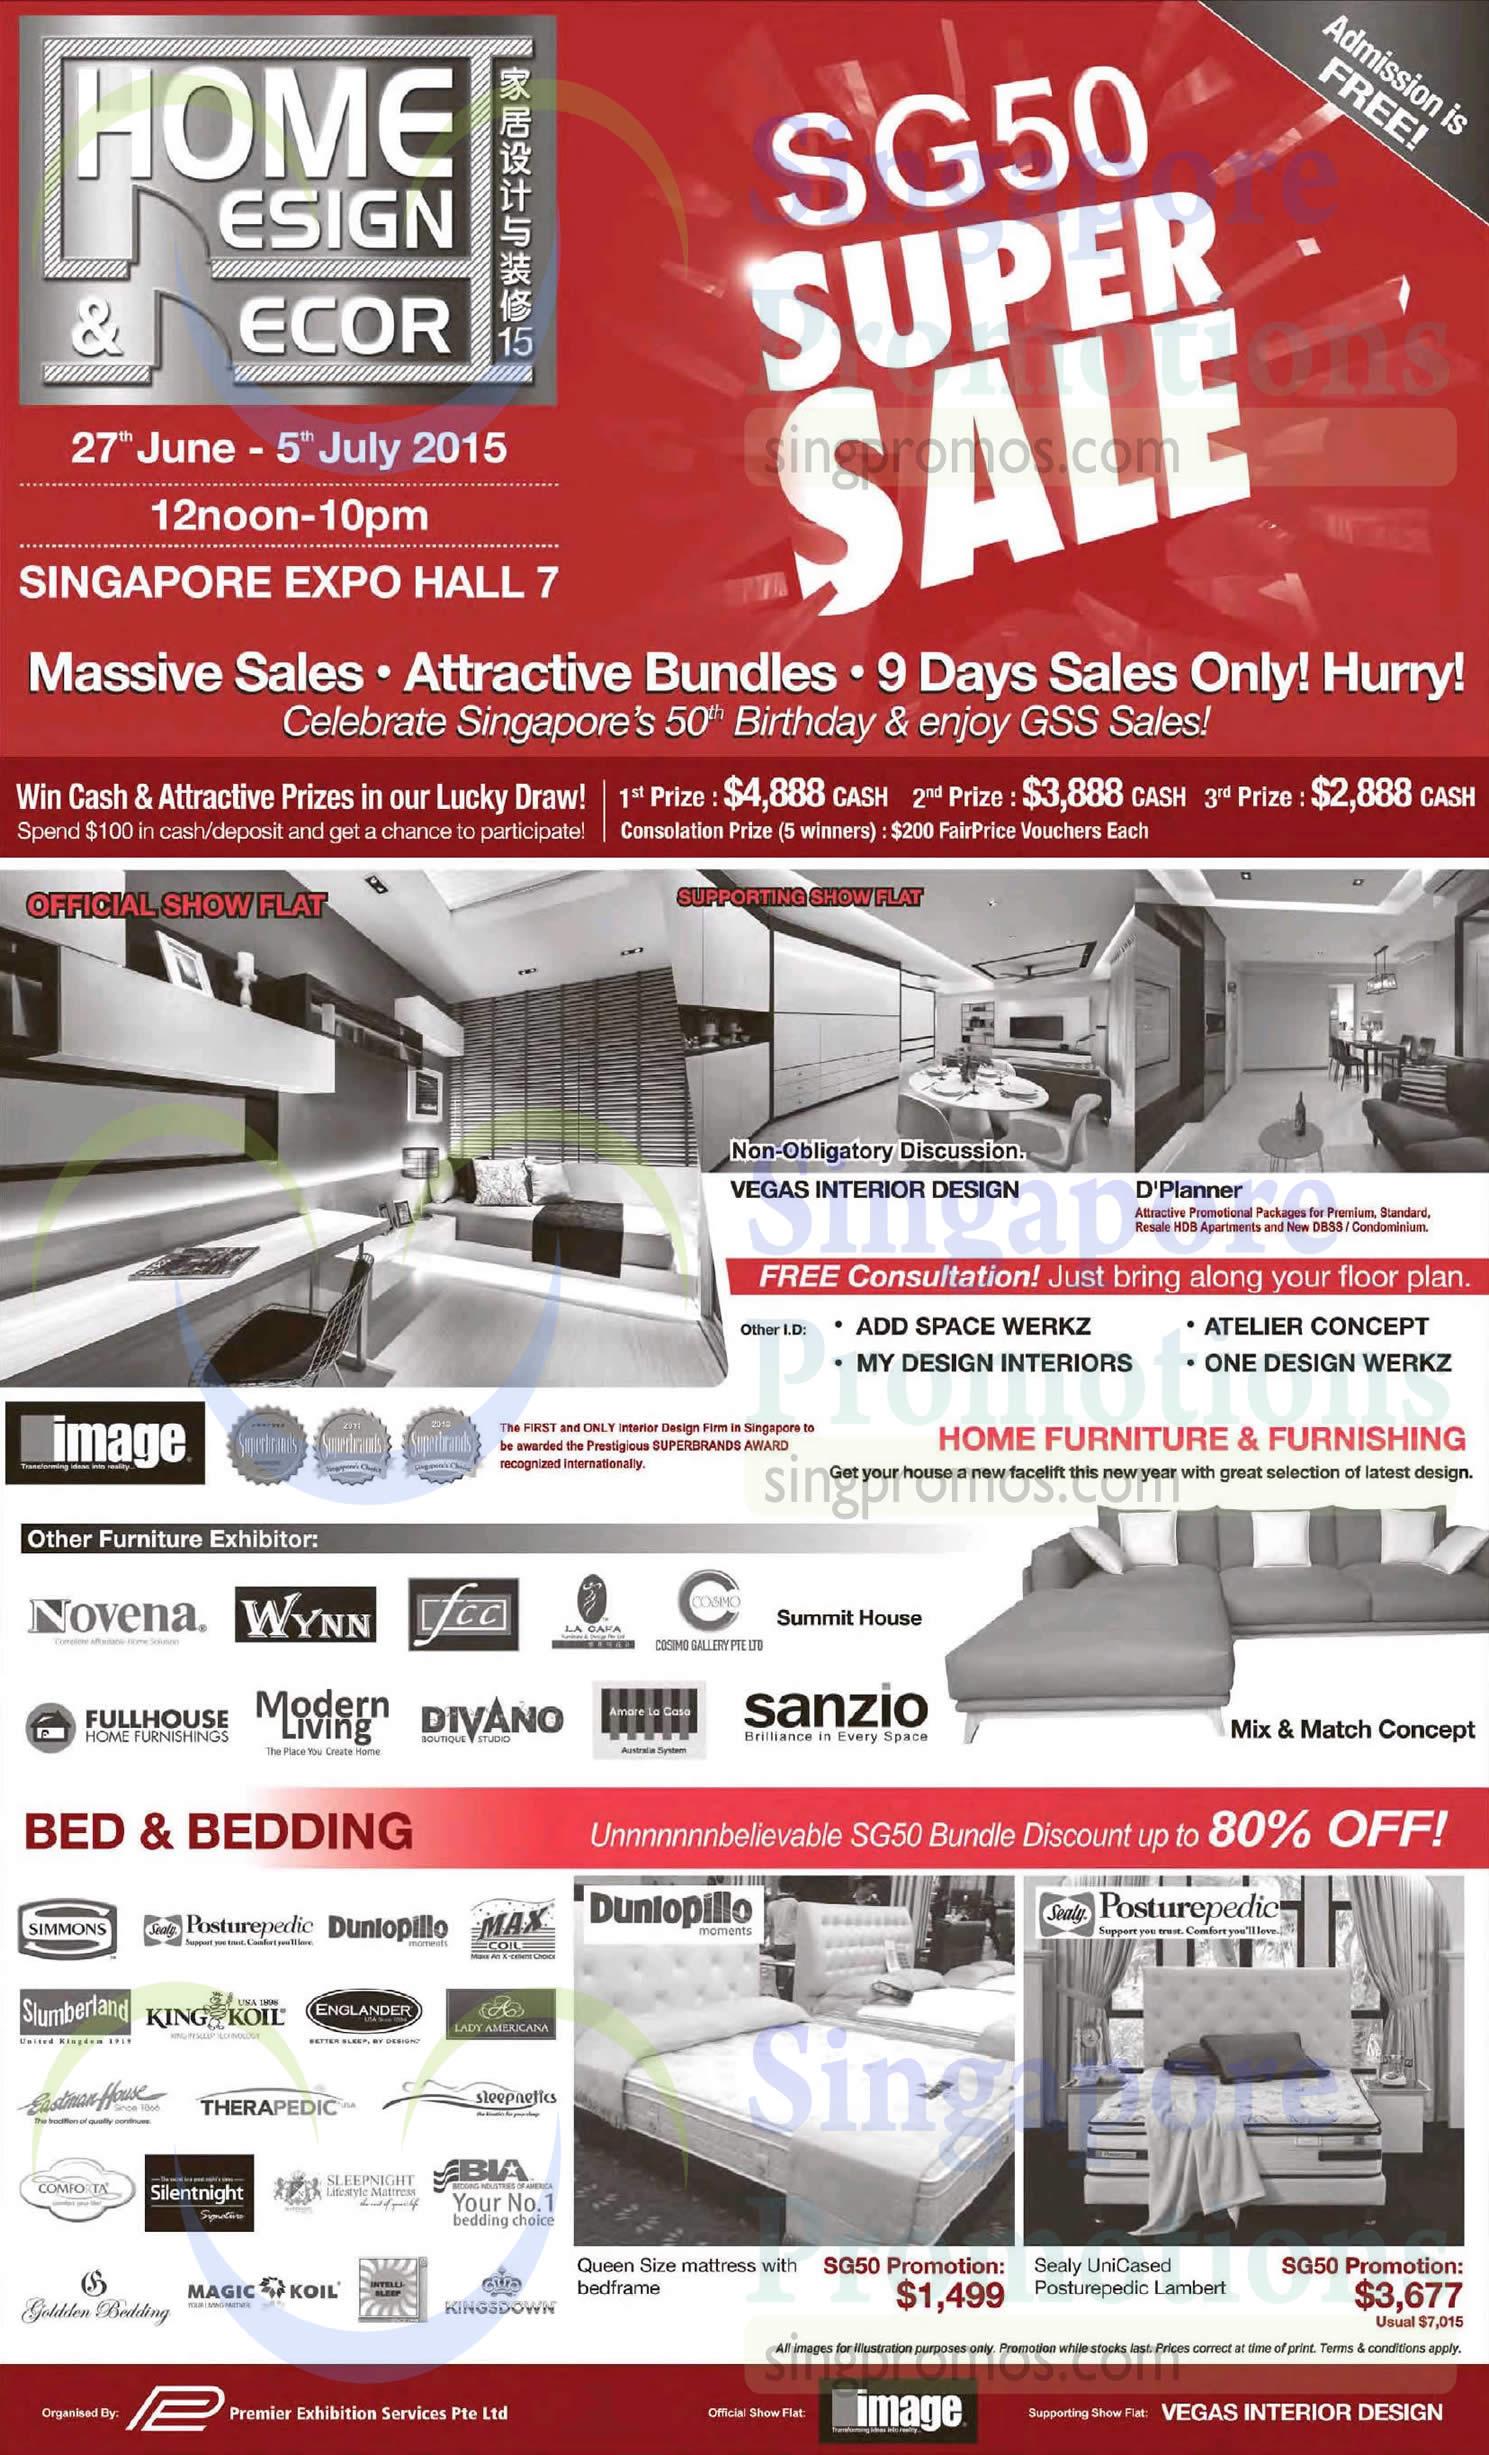 home design n decor super sale 27 jun 2015 - Expo Home Design